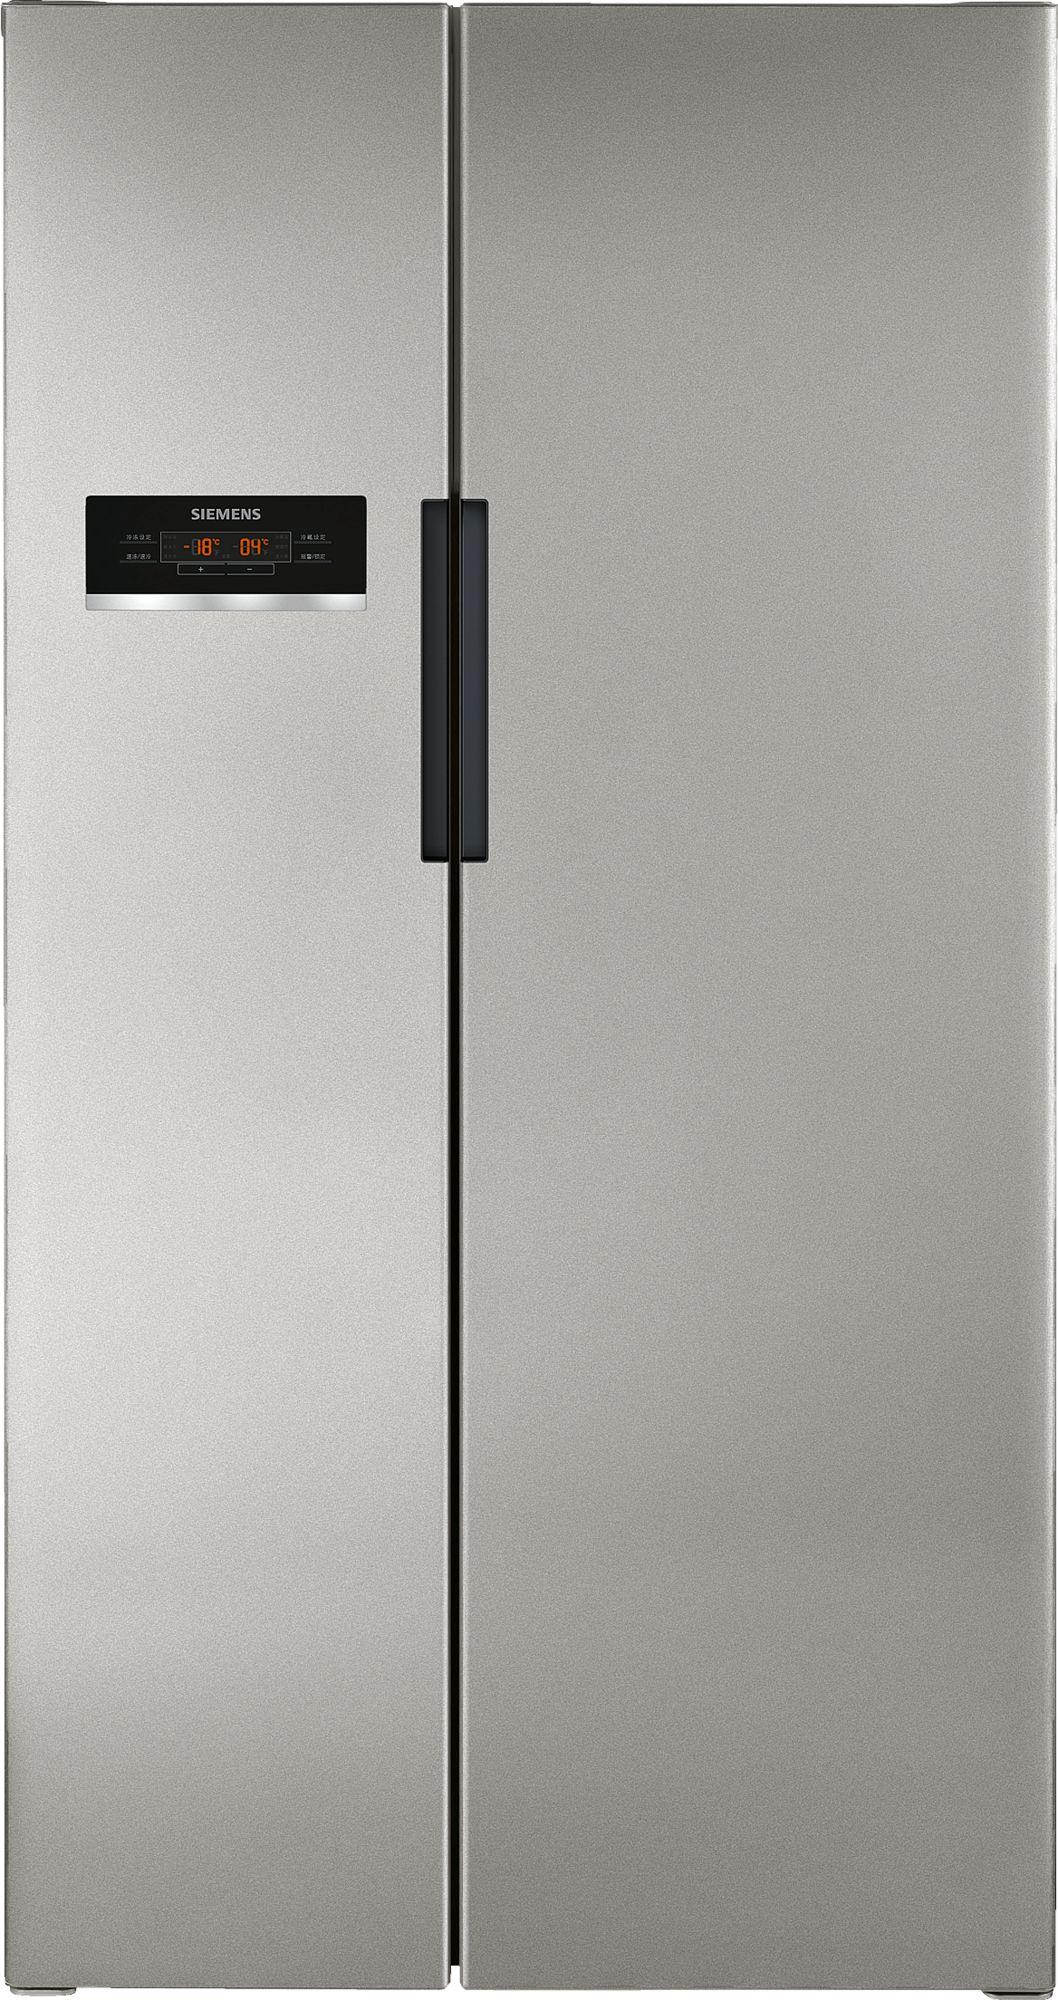 西门子SIEMENS 610升对开门变频冰箱双开门 风冷无霜 触摸控制图片